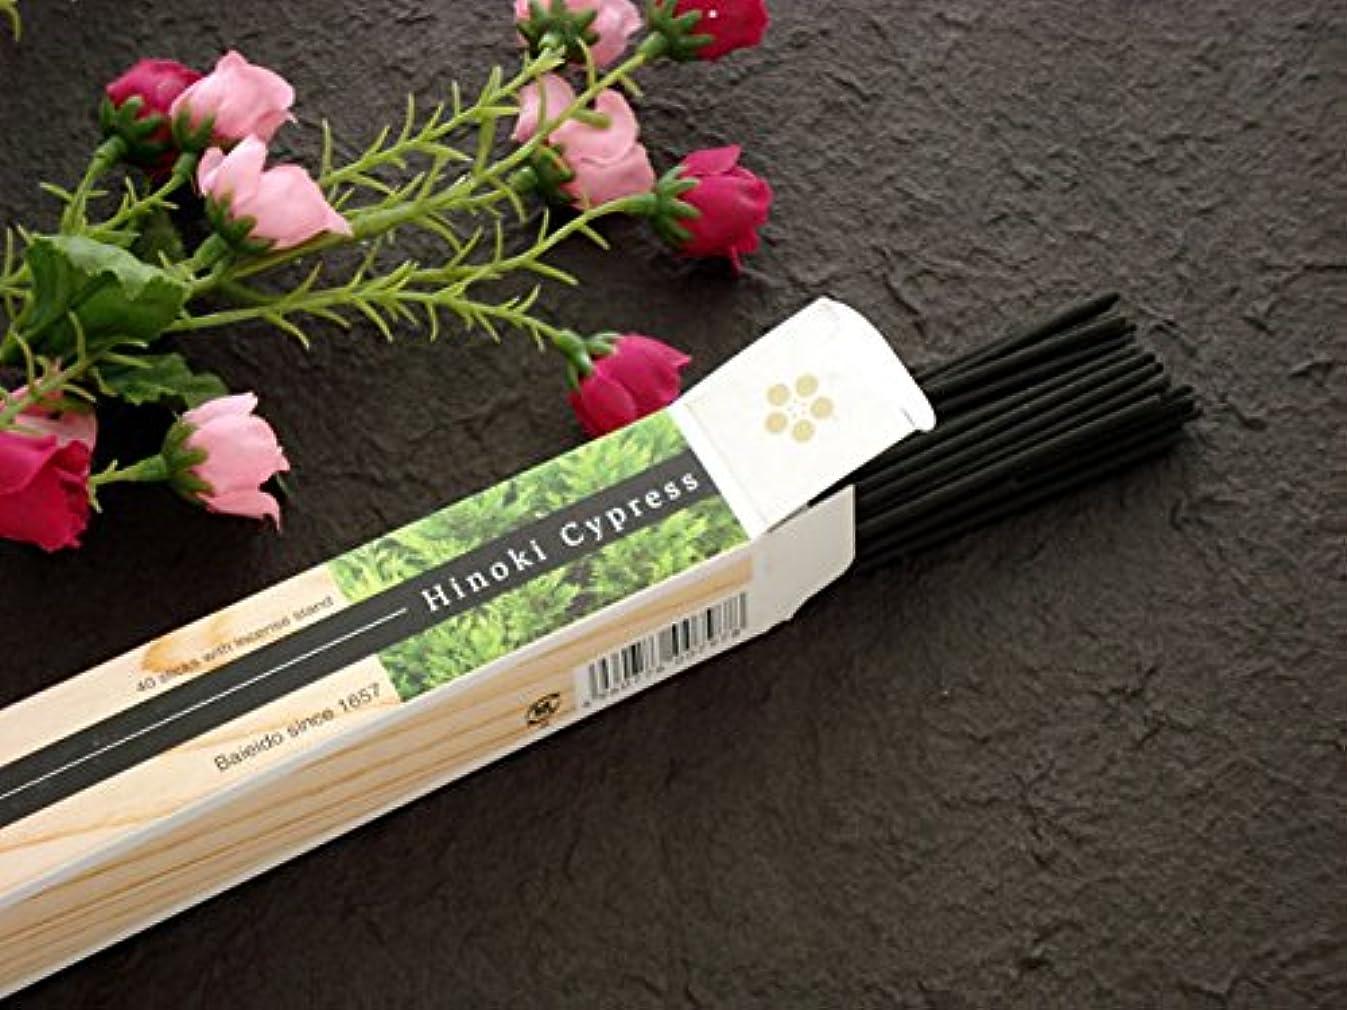 複雑受付追記梅栄堂のお香 Hinoki Cypress (檜)